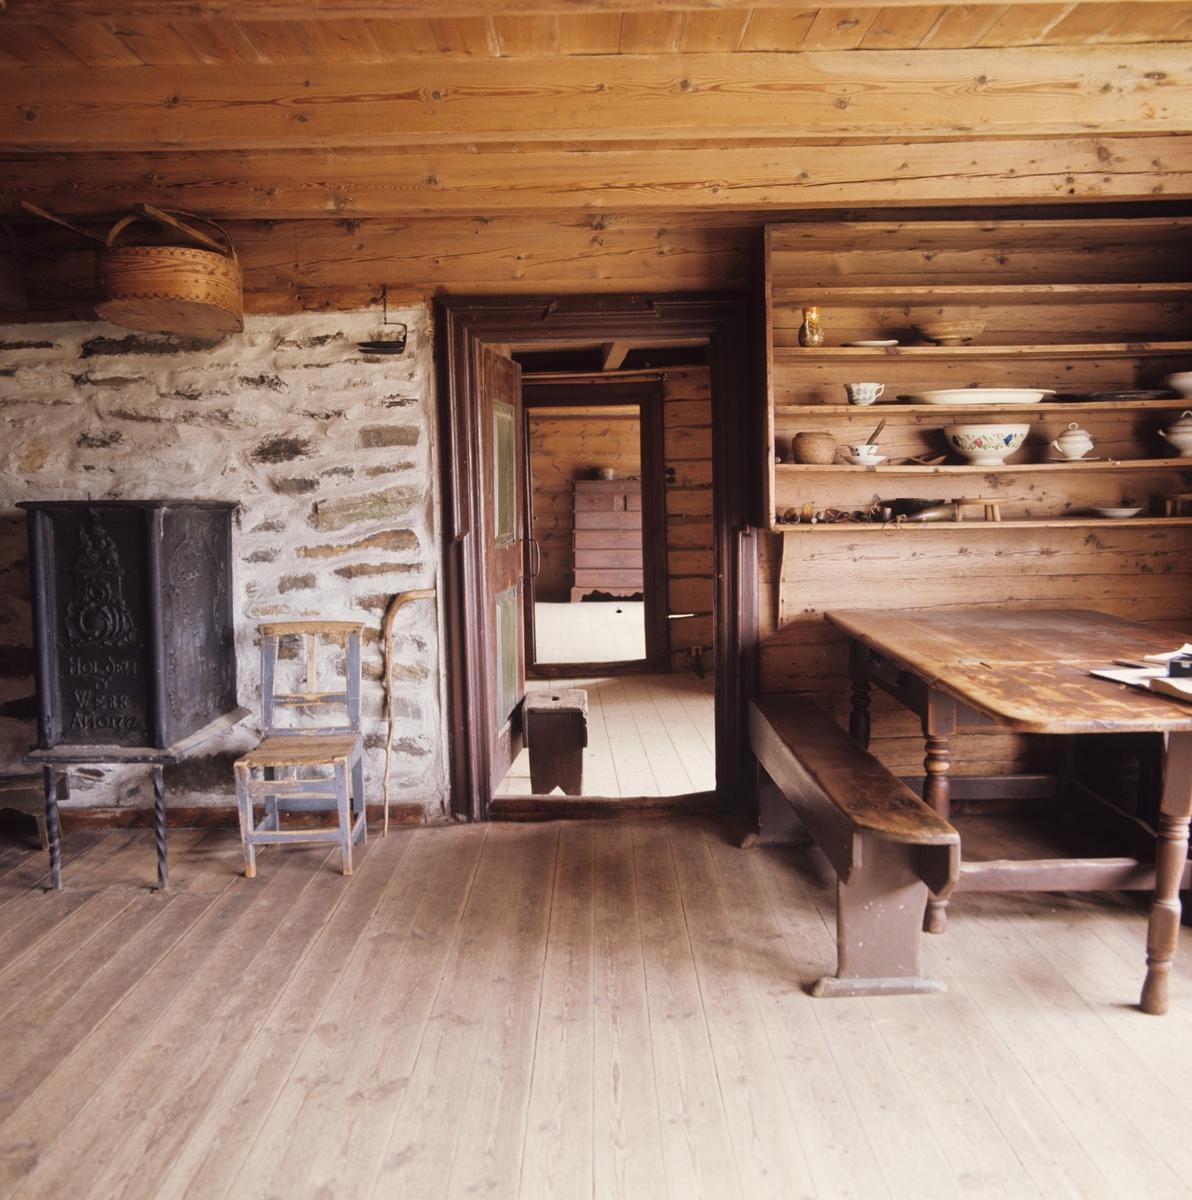 gammel tommervegg i stue : Gammel stue med benk, bord, hylle, ovn, stol, kurv, skammel og vandringsstav. Illustrasjonsbilde ...